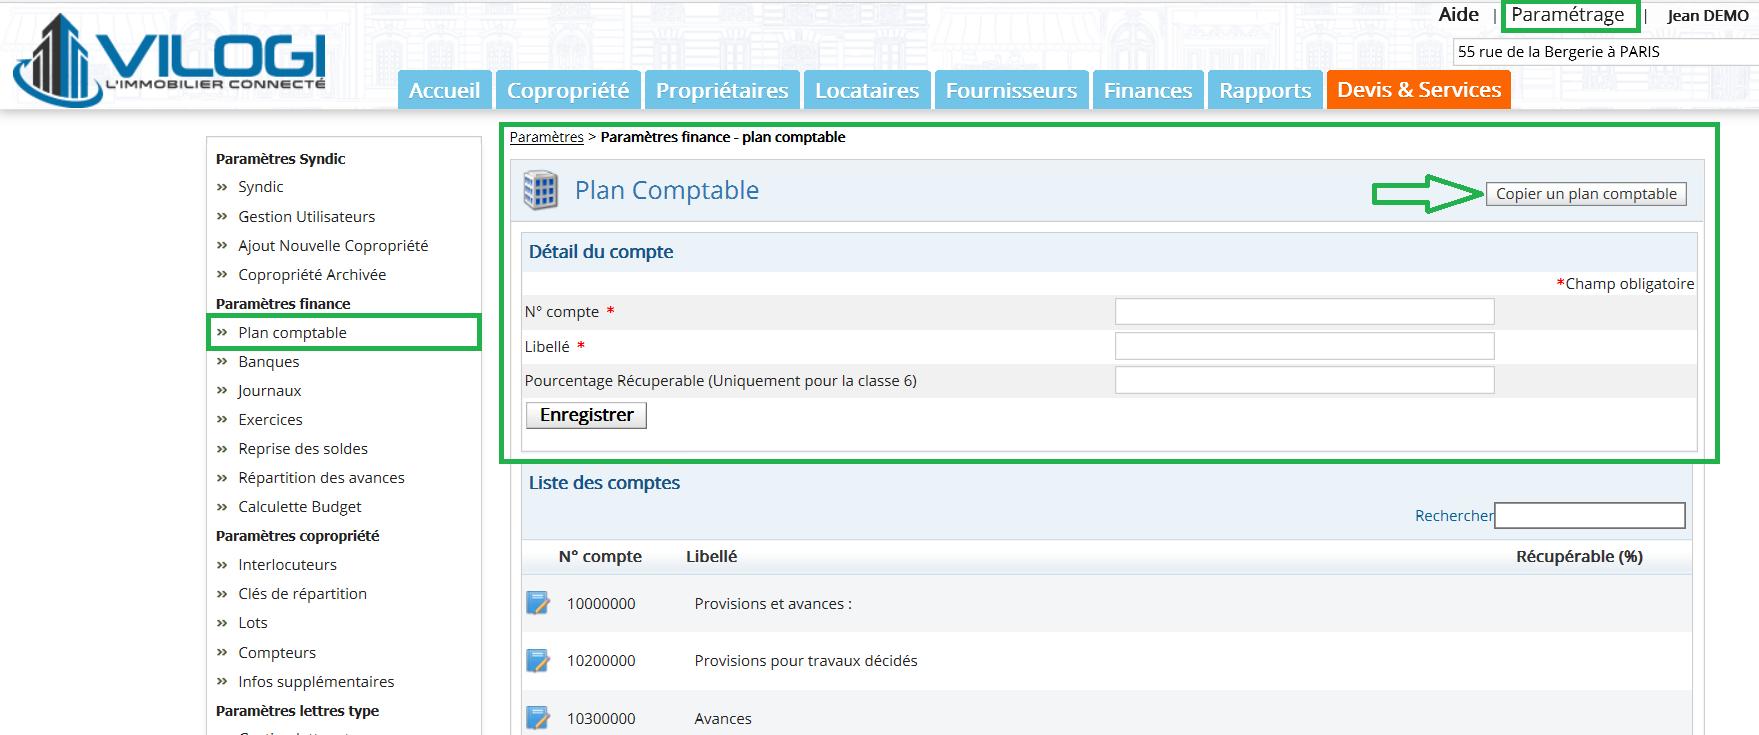 Dupliquer un plan comptable sur le logiciel de gestion syndic